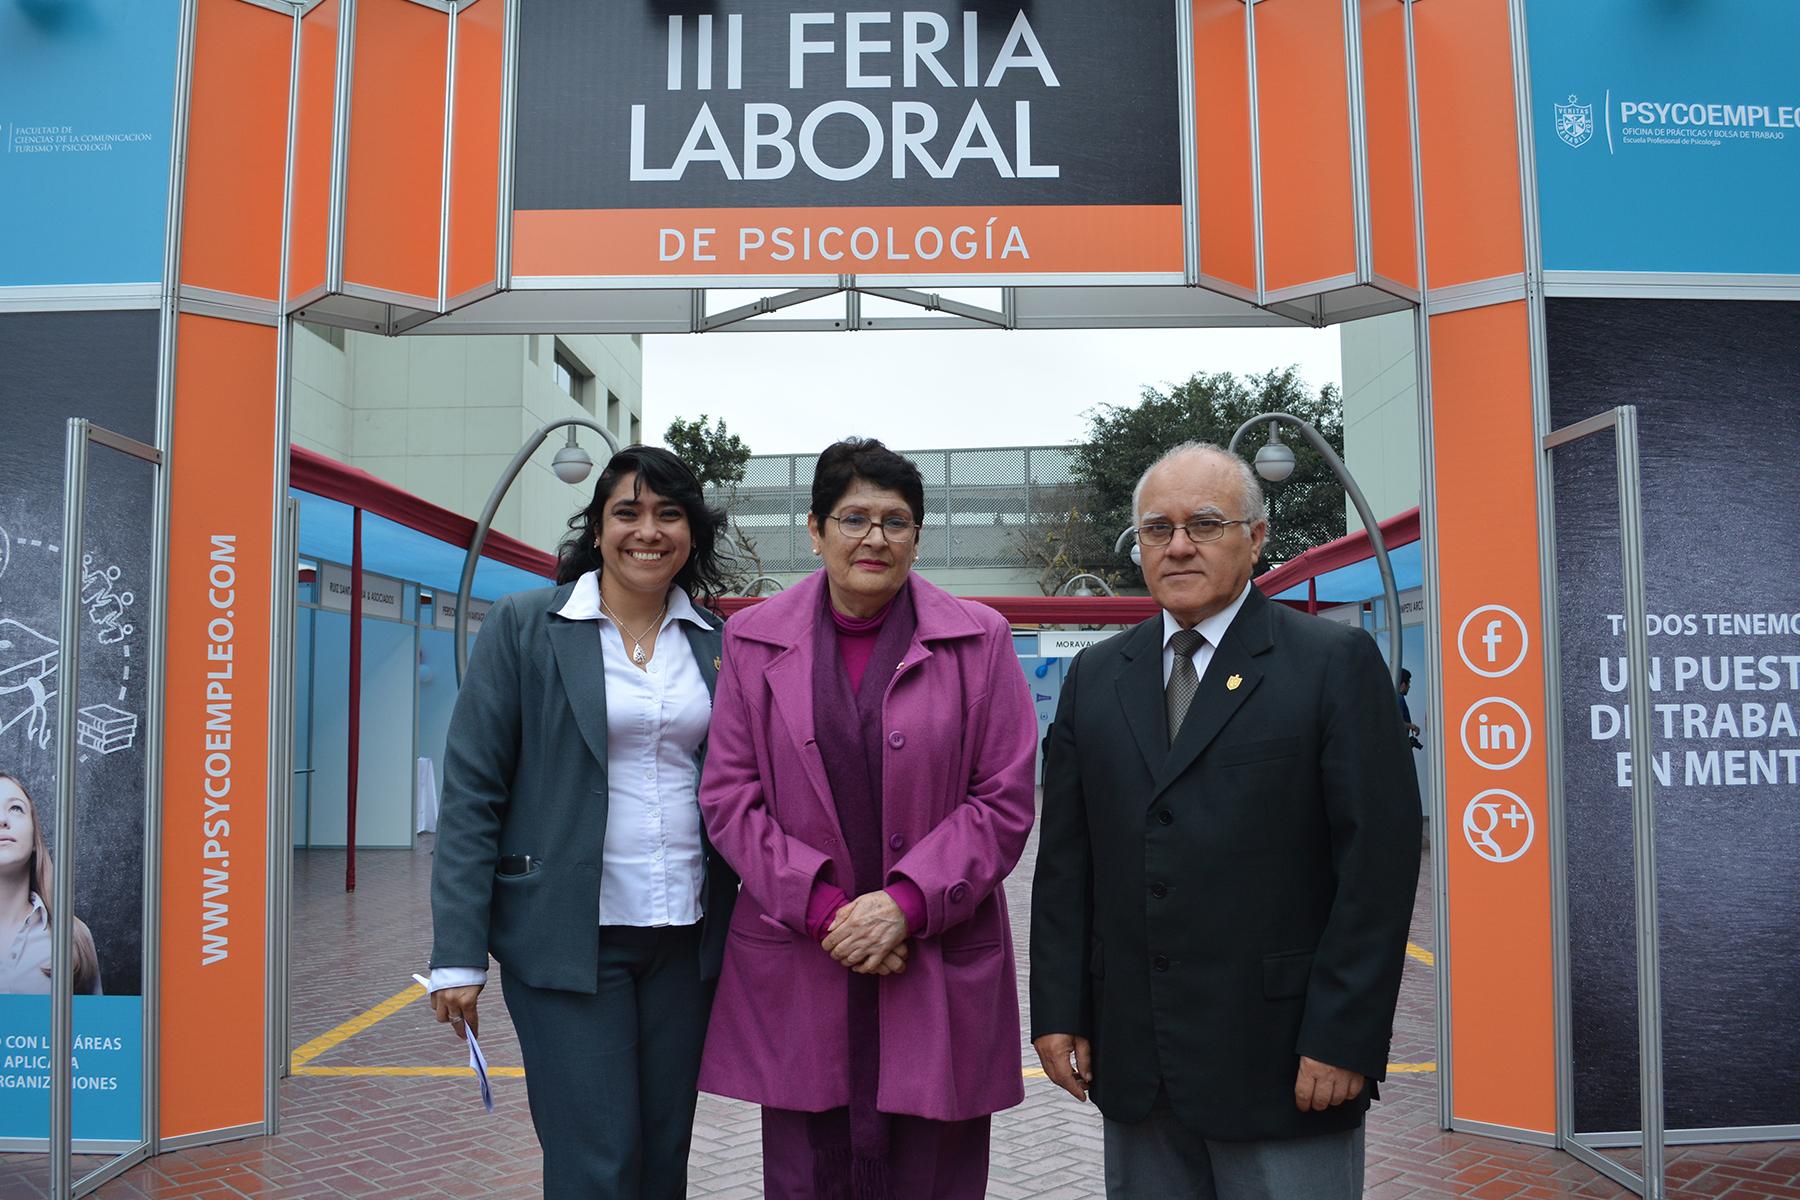 III Feria Laboral De Psicología Organizada Por PSYCOEMPLEO De La USMP